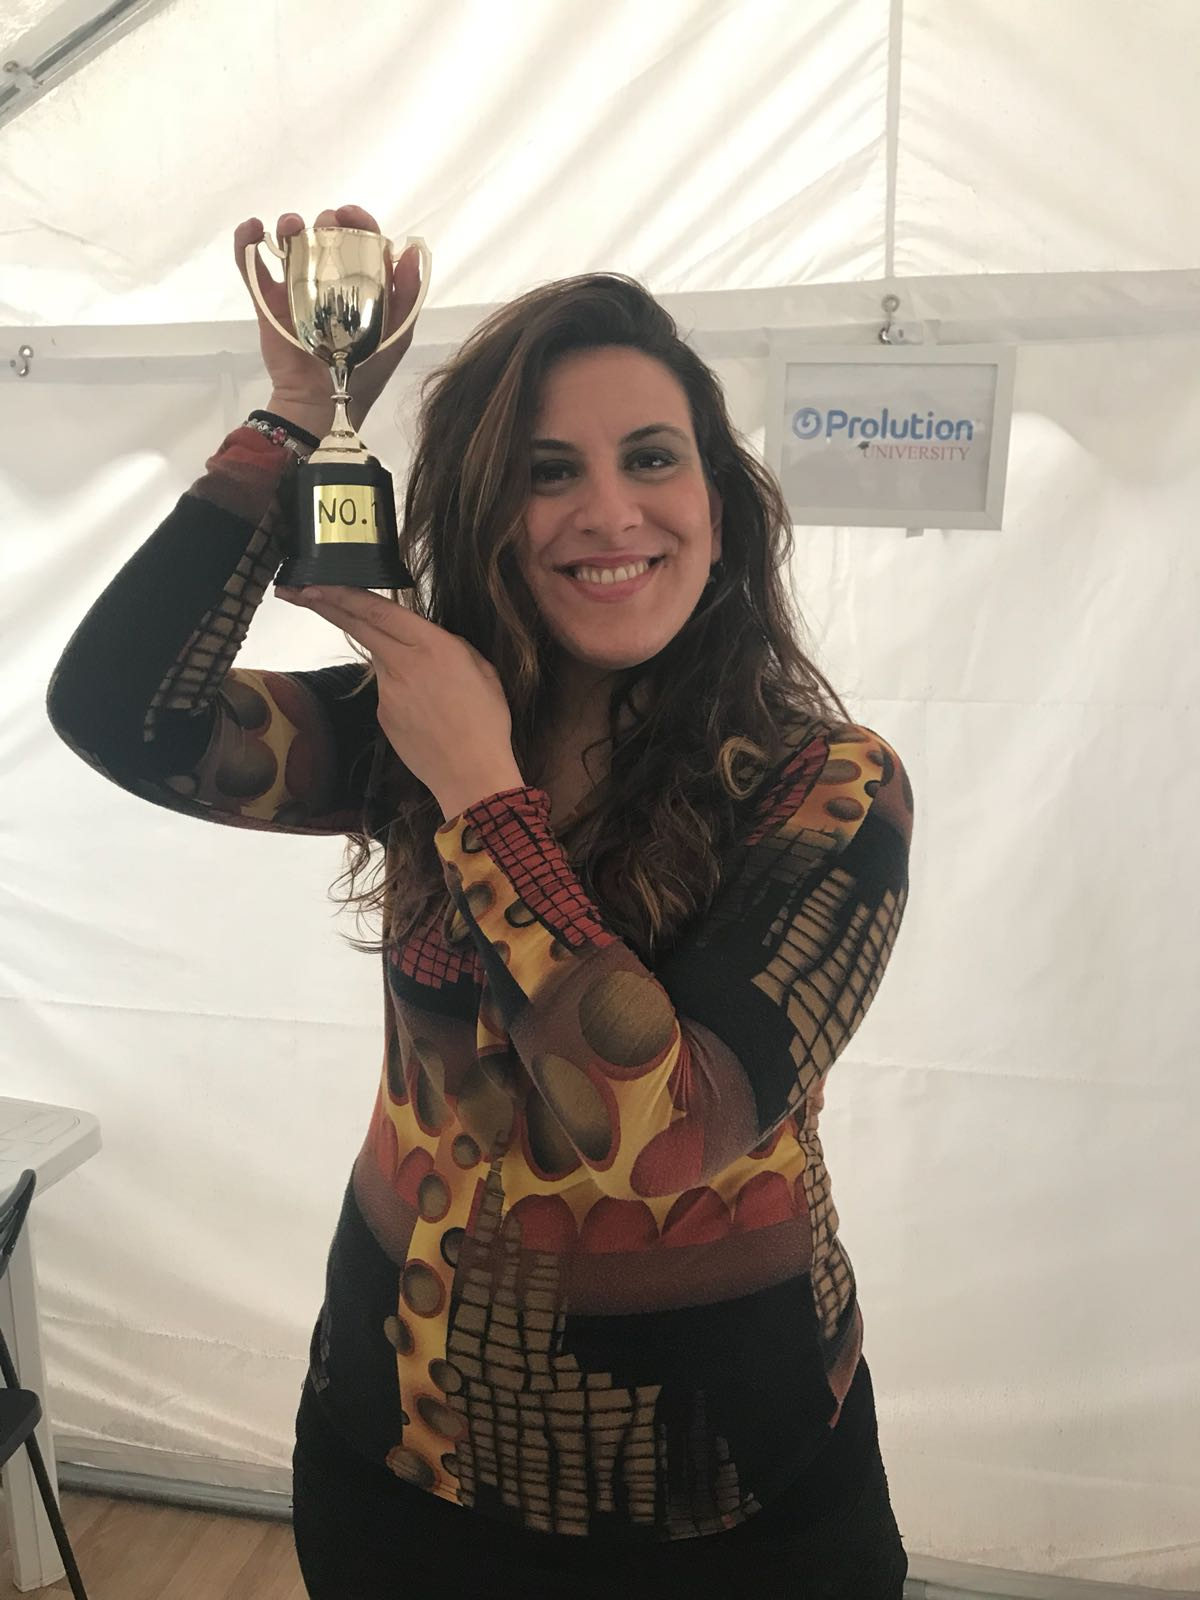 IMMAGINE Ogni settimana in Prolution viene nominato un Best Of The Week e questa settimana è lei la vincitrice.